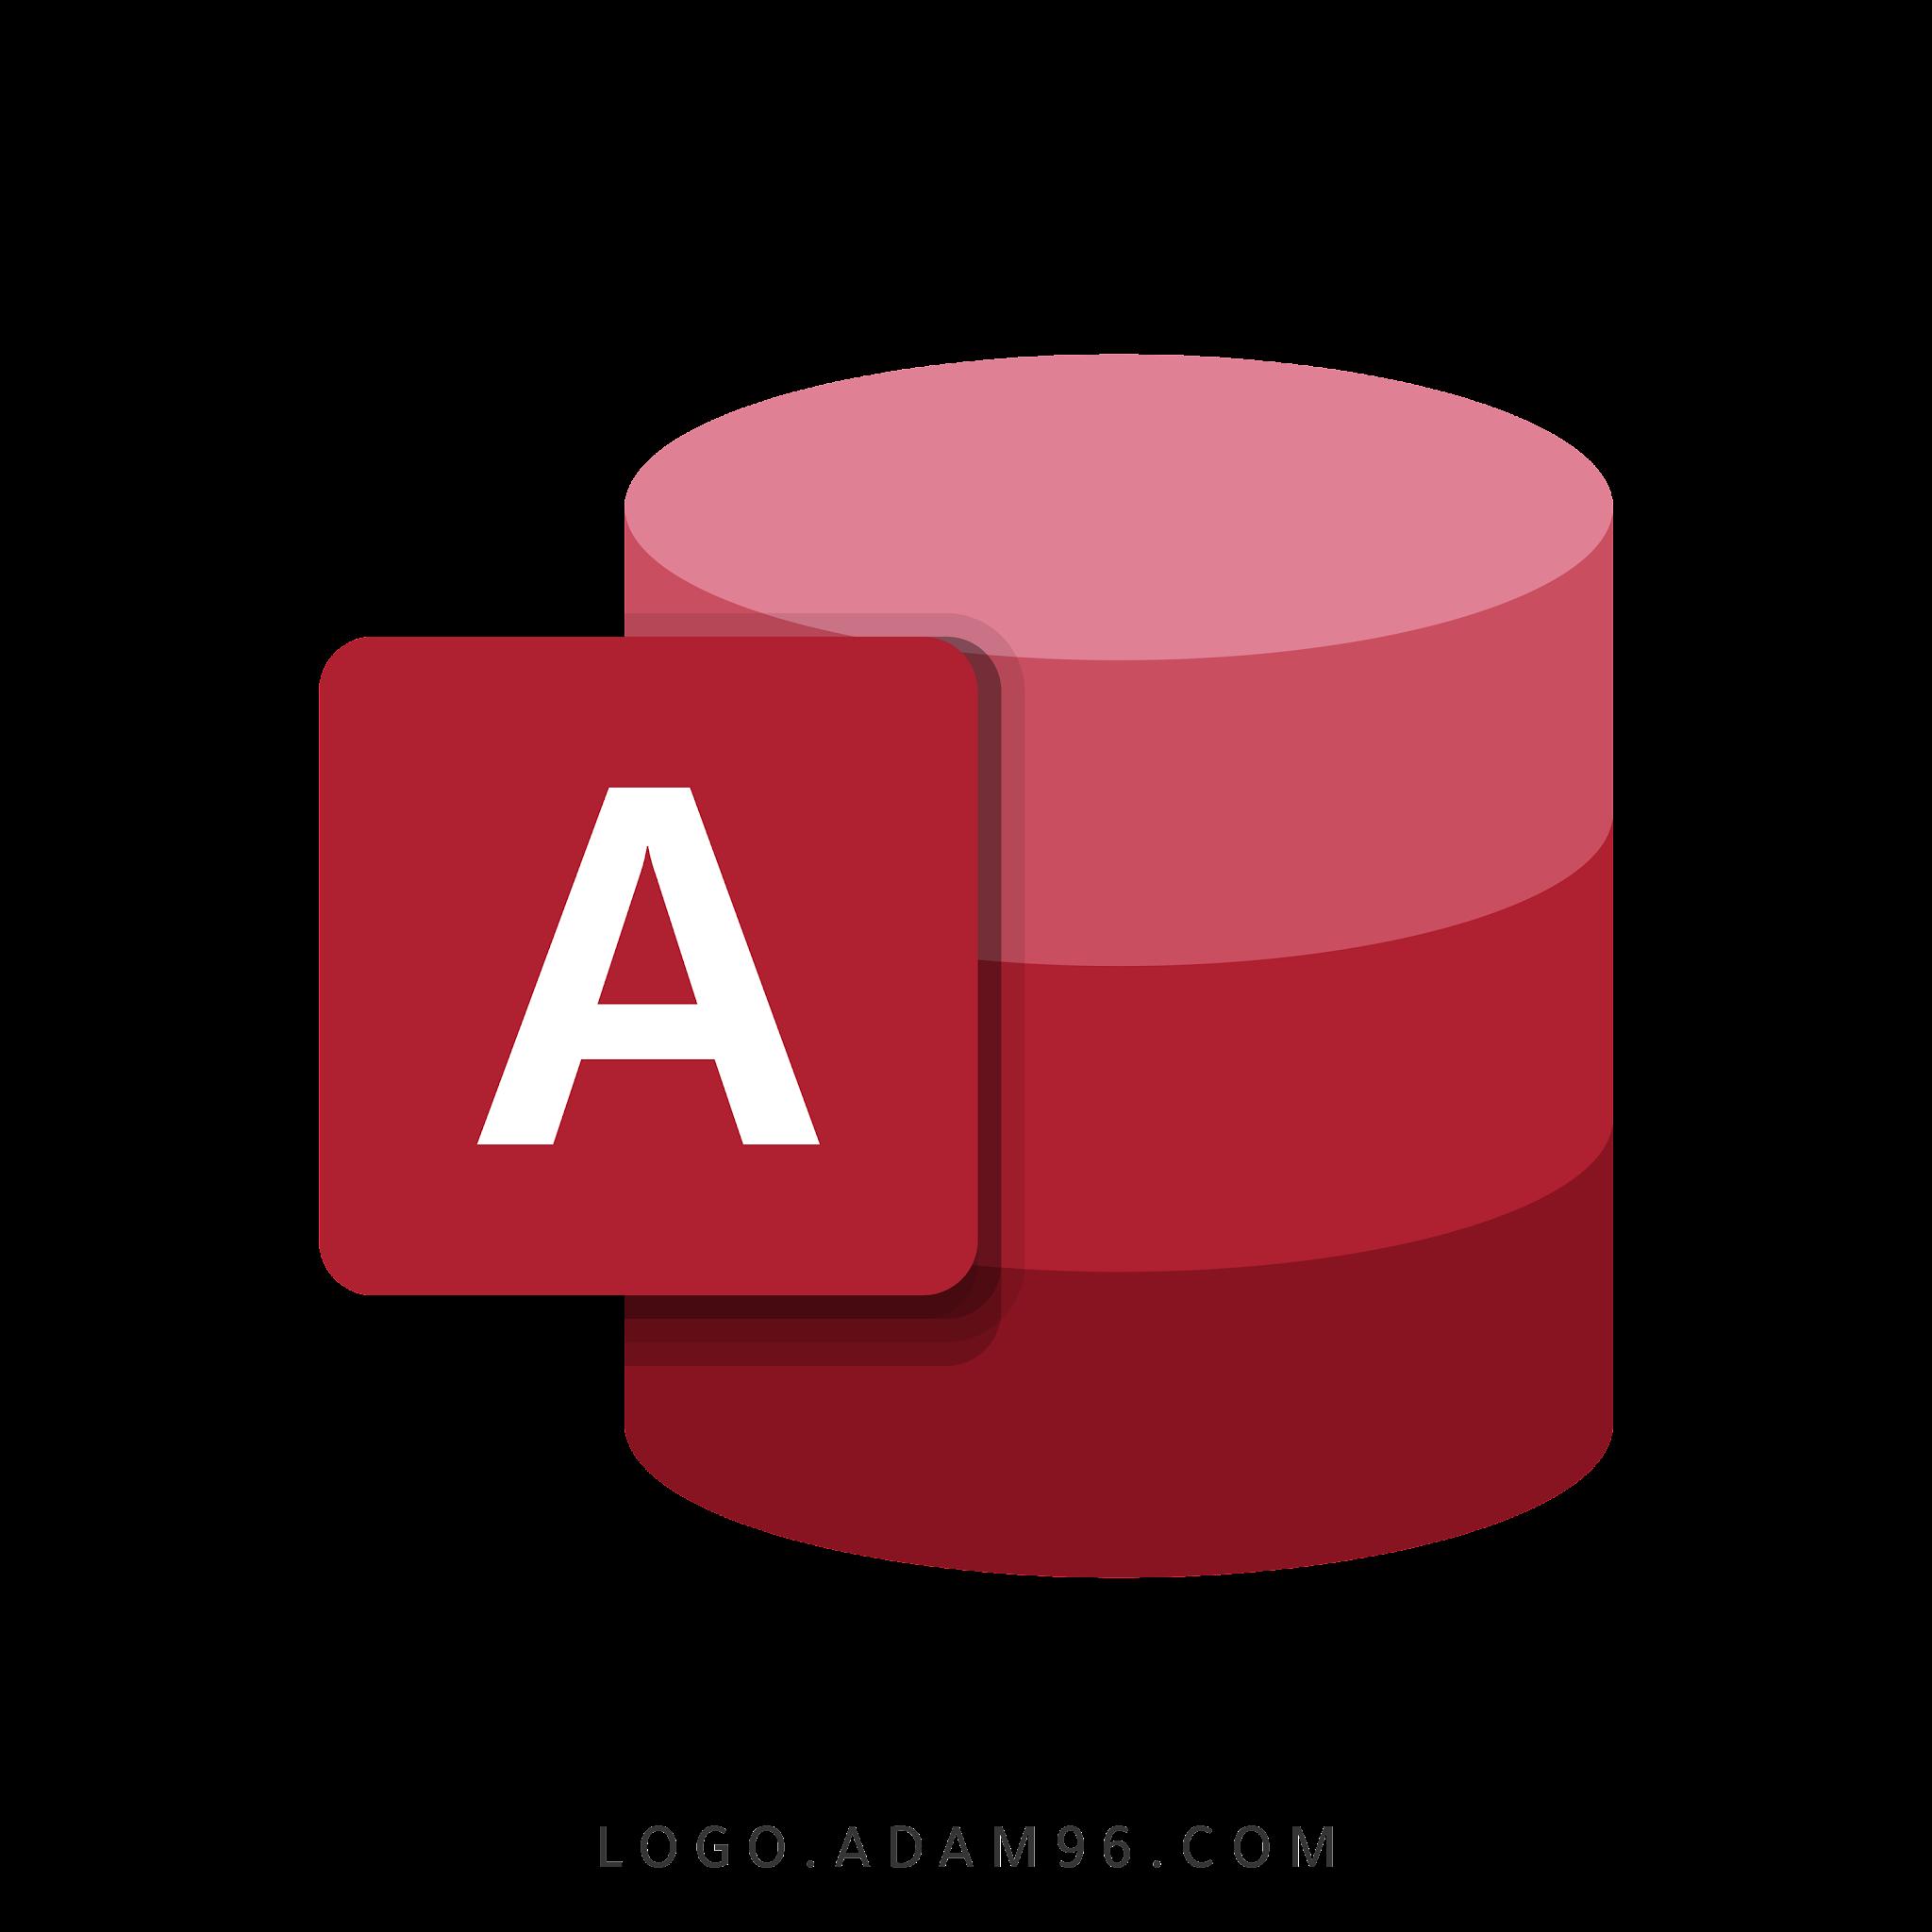 تحميل شعار مايكروسوفت أكسس لوجو رسمي عالي الدقة بصيغة Logo Microsoft Access PNG